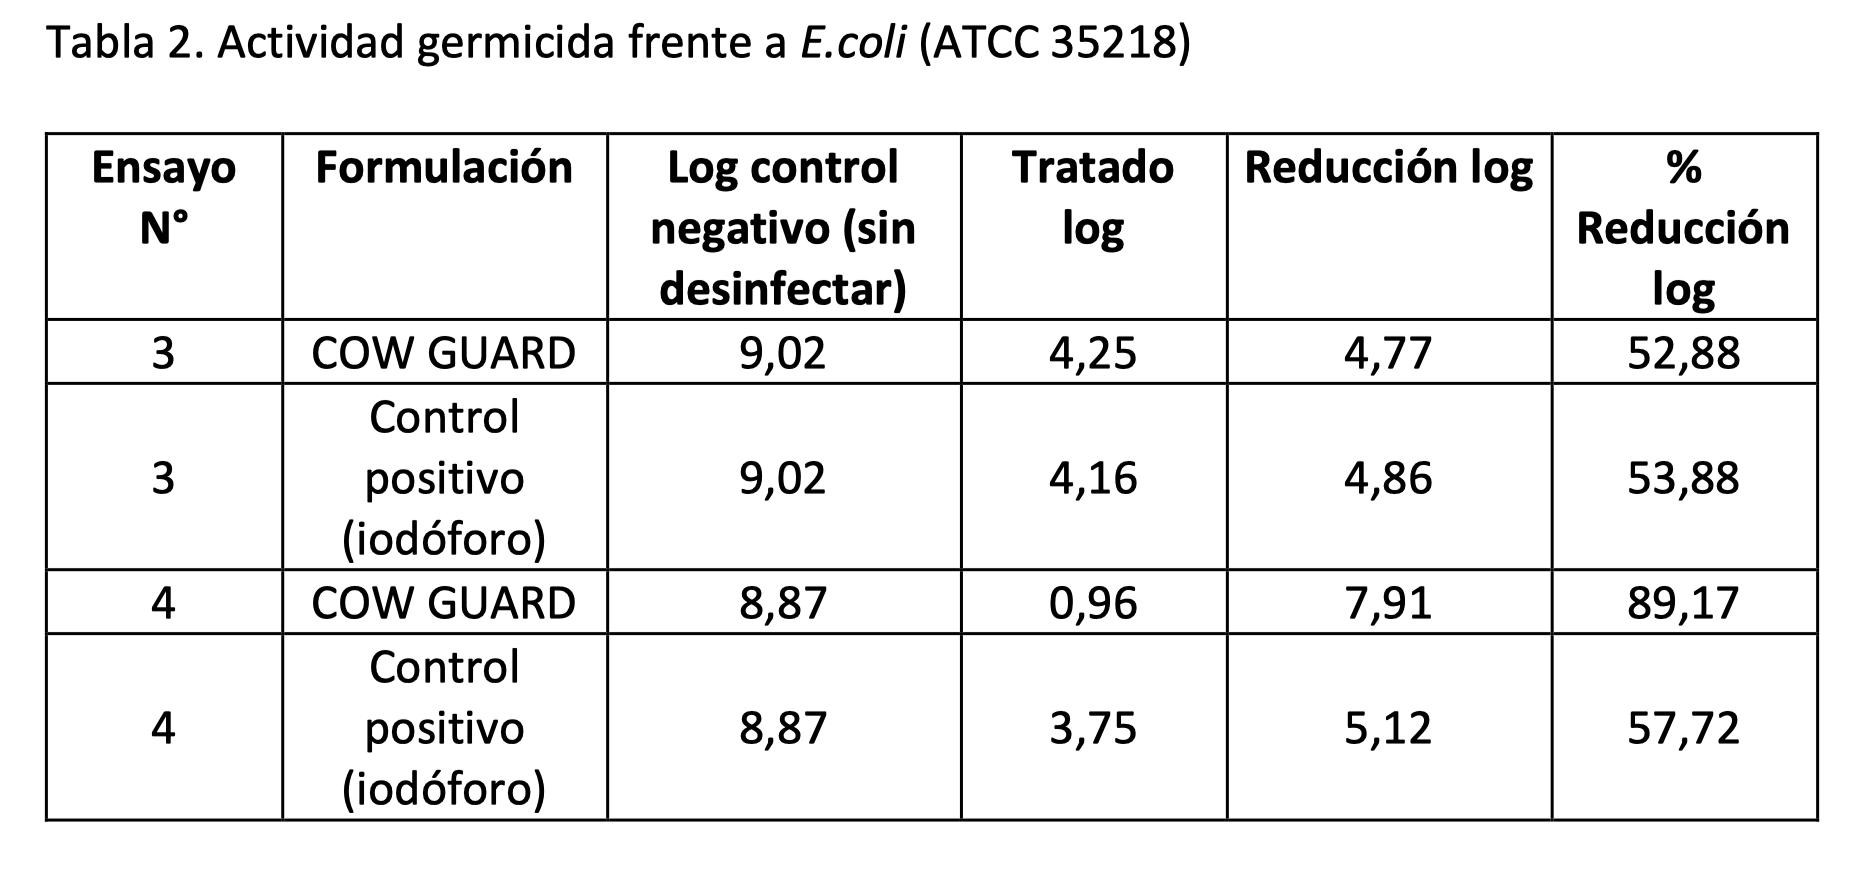 Informe sobre evaluación del poder germicida del antiséptico para pezones cow guard 4